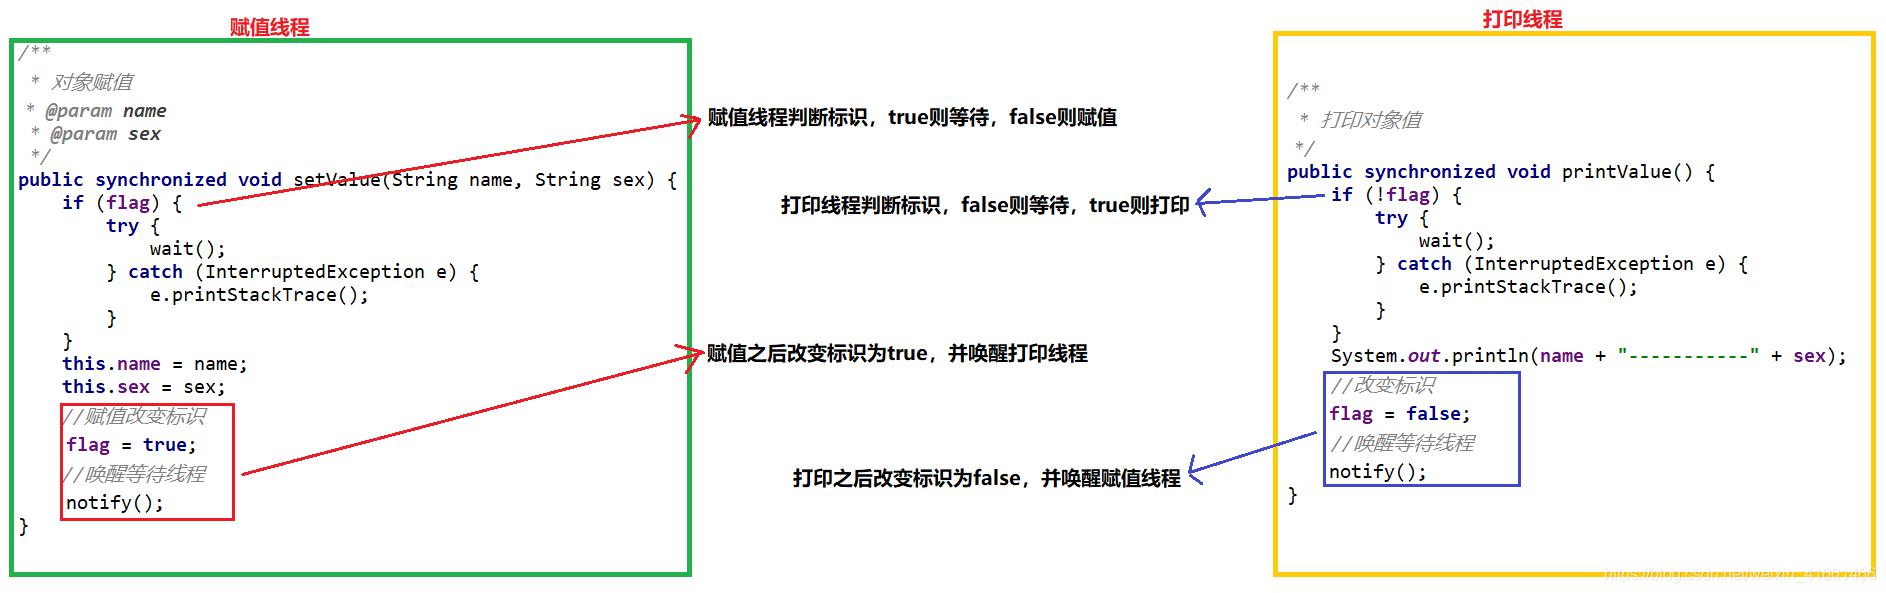 ![在这里插入图片描述](https://img-blog.csdnimg.cn/20200521232231960.png?x-oss-process=image/watermark,type_ZmFuZ3poZW5naGVpdGk,shadow_10,text_aHR0cHM6Ly9ibG9nLmNzZG4ubmV0L3dlaXhpbl80MTY2MTQ2Ng==,size_16,color_FFFFFF,t_70